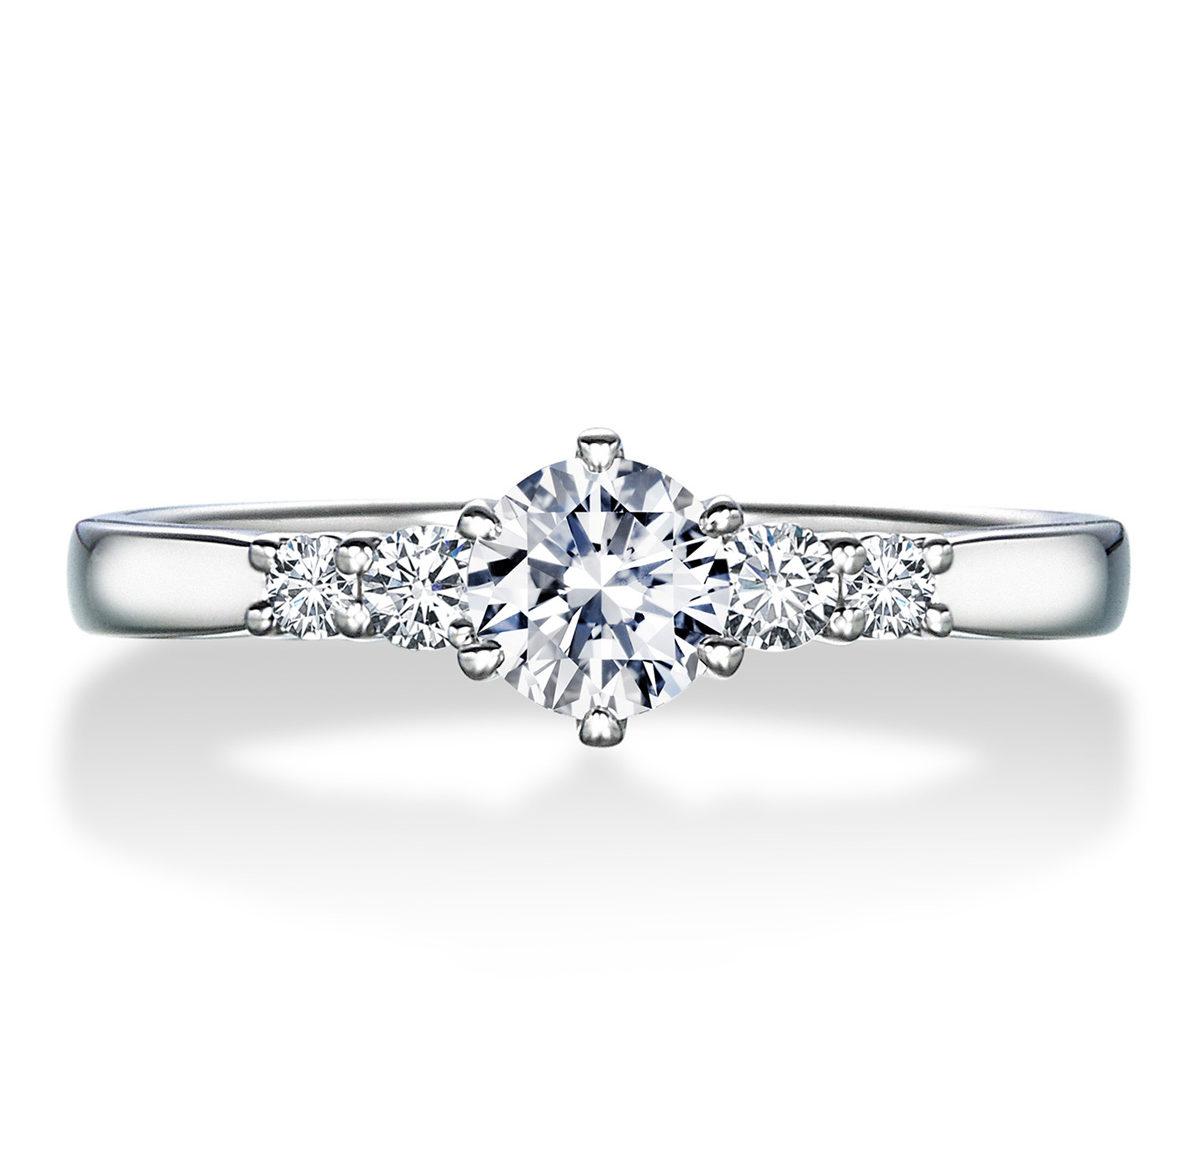 シンプル,ゴージャス 婚約指輪のERA808